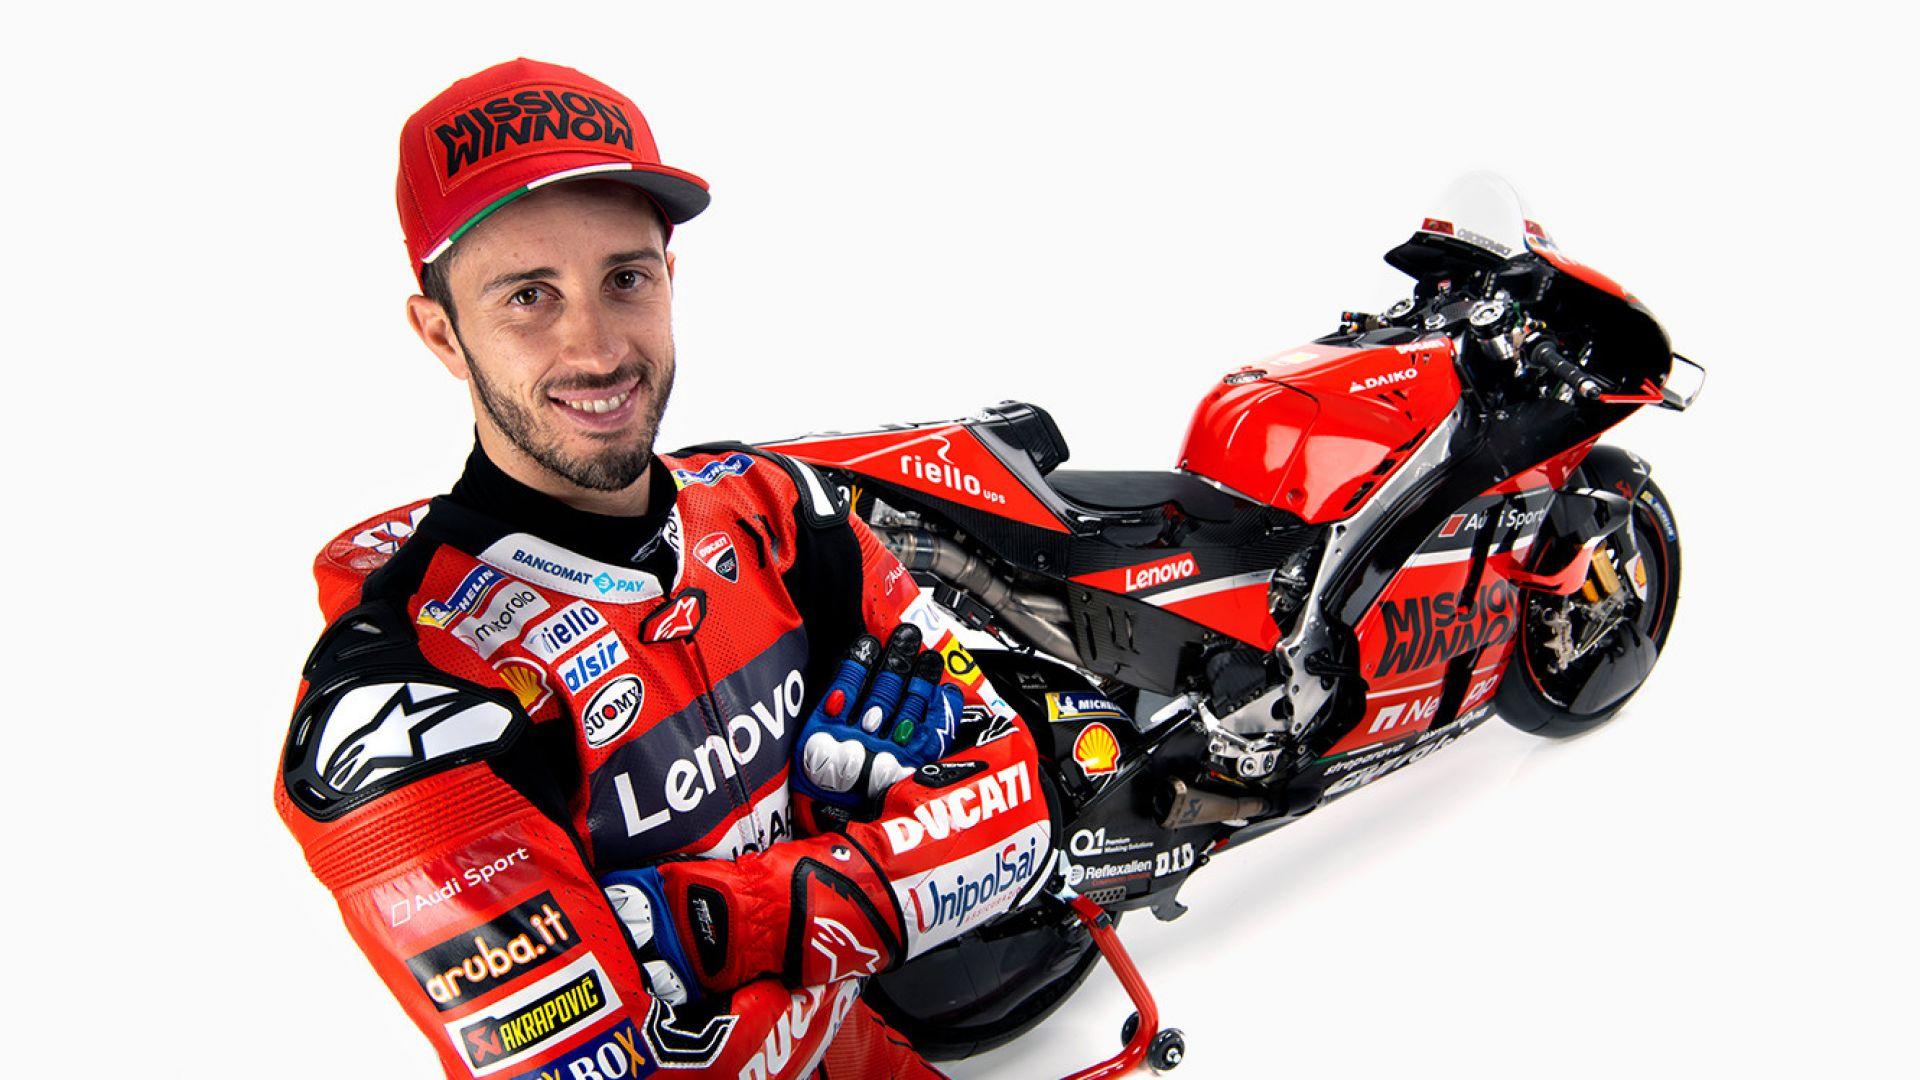 MotoGP 2020, Andrea Dovizioso - Ducati Team - MotorBox